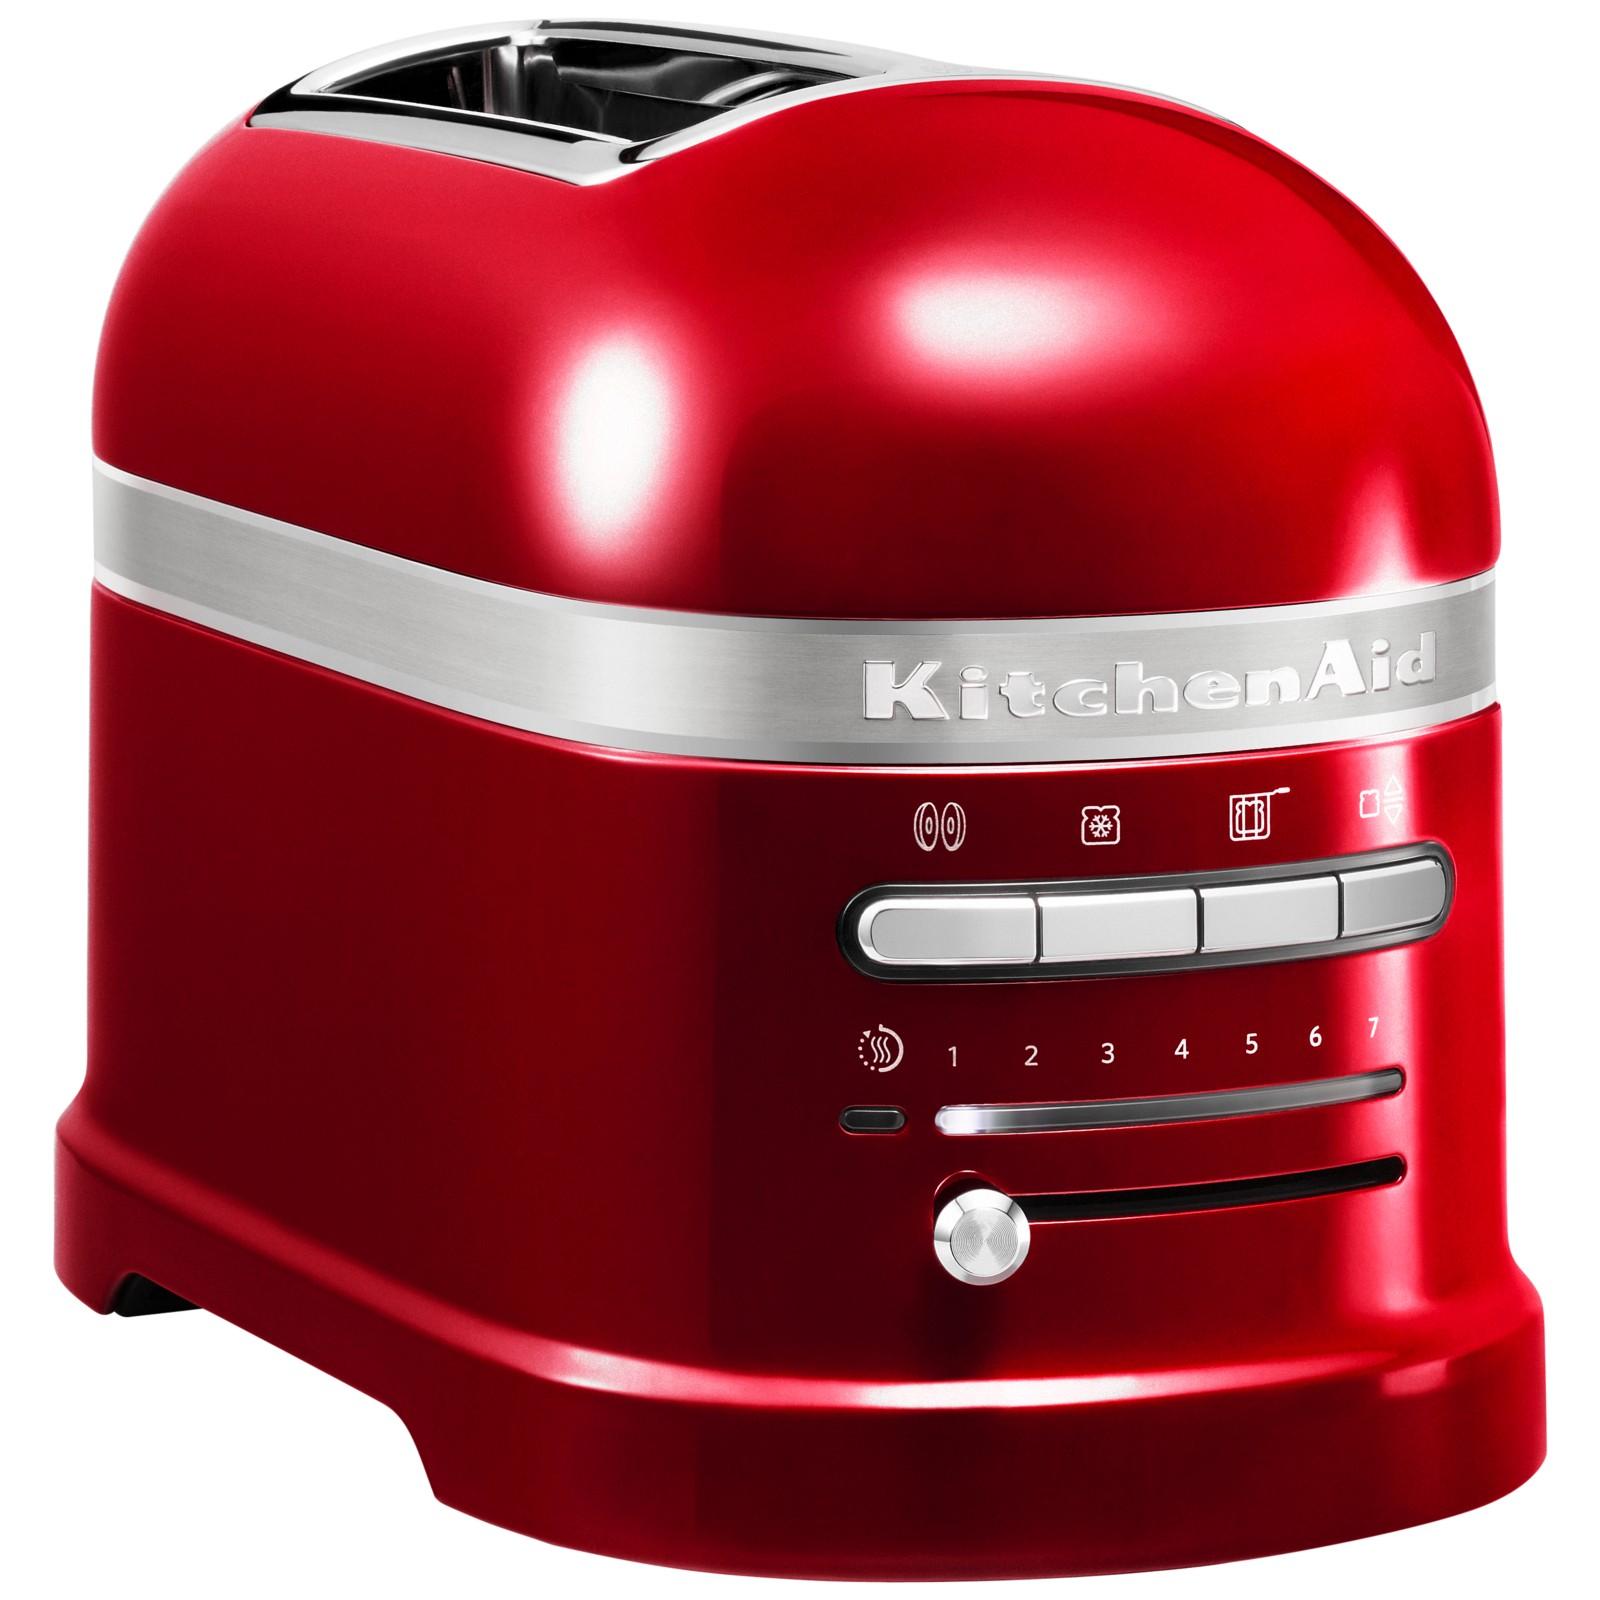 KitchenAid Artisan 2-Slice Toaster Candy Apple